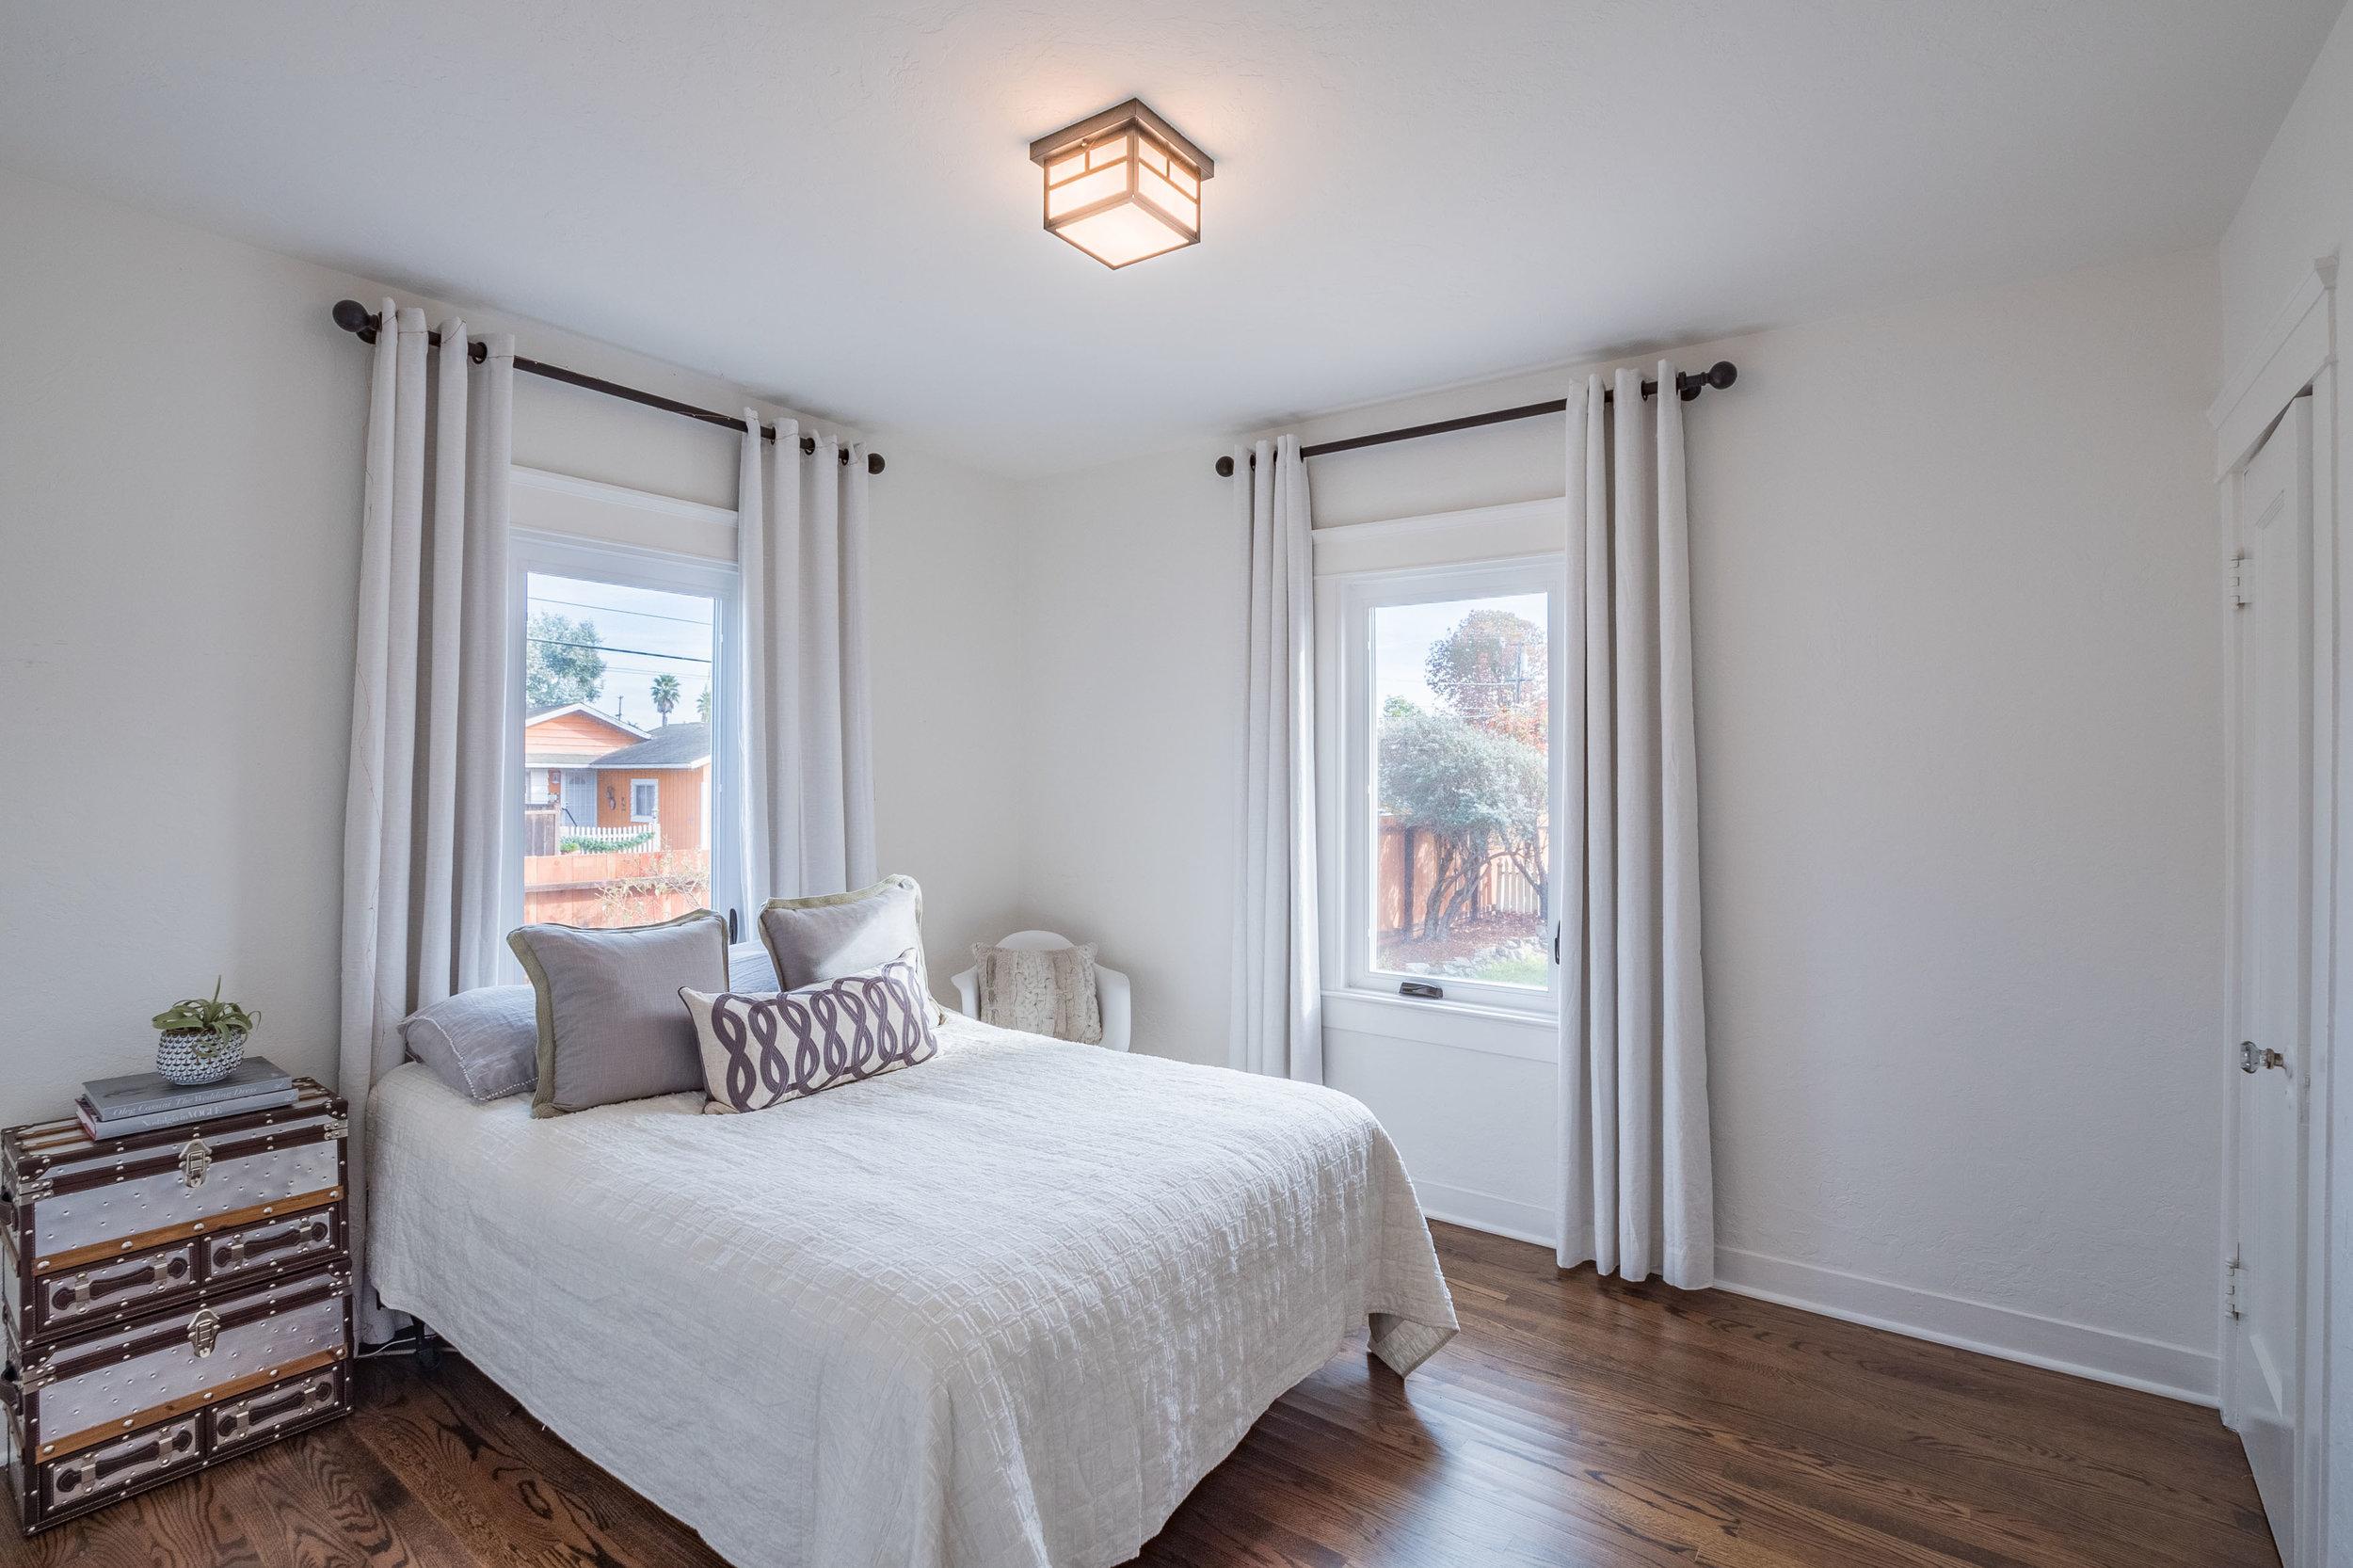 2 Bathroom 3 Bedroom Home Santa Cruz County Real Estate